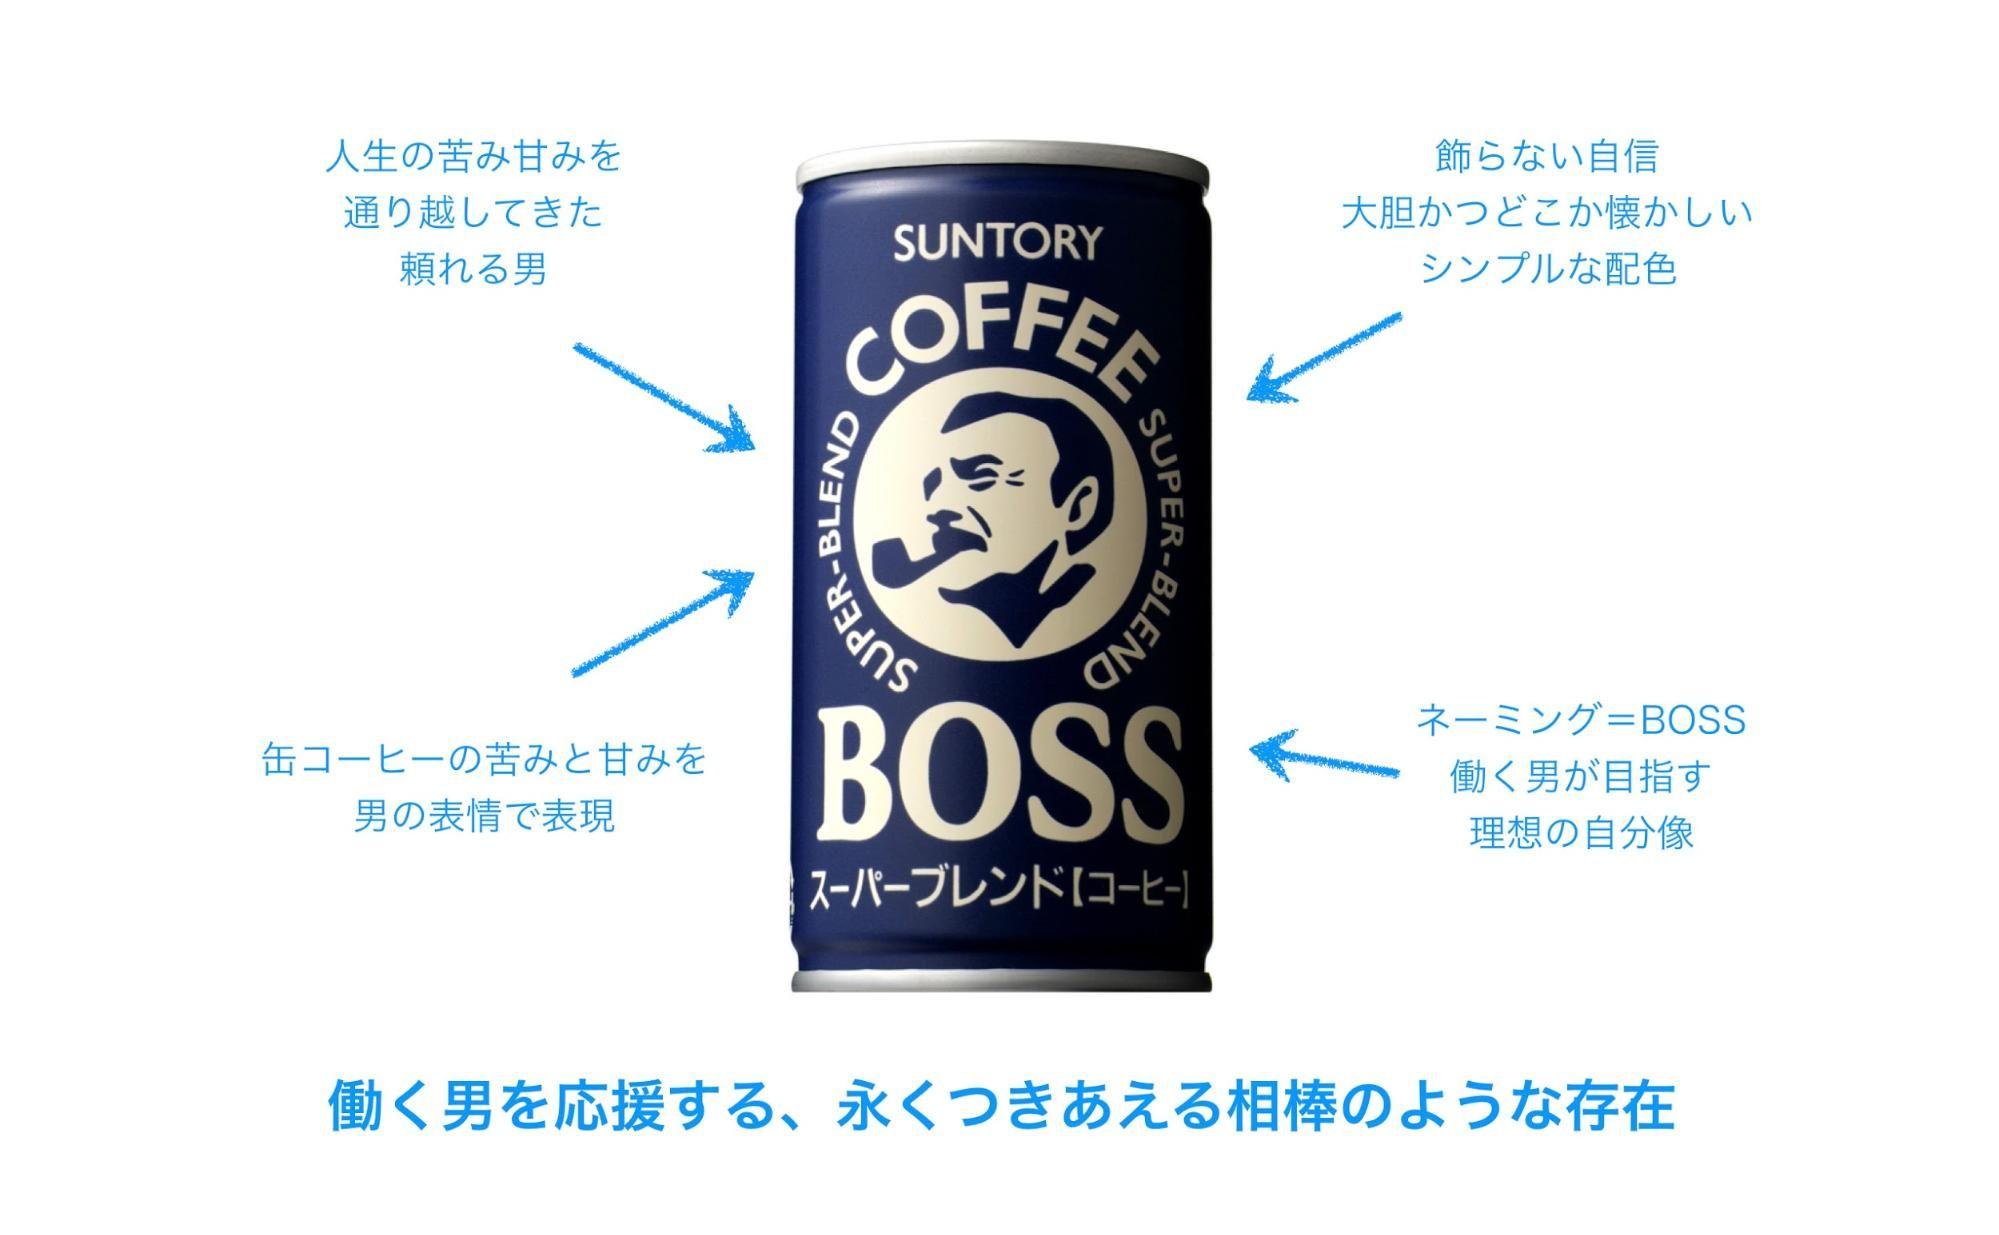 ボスのロゴイメージ